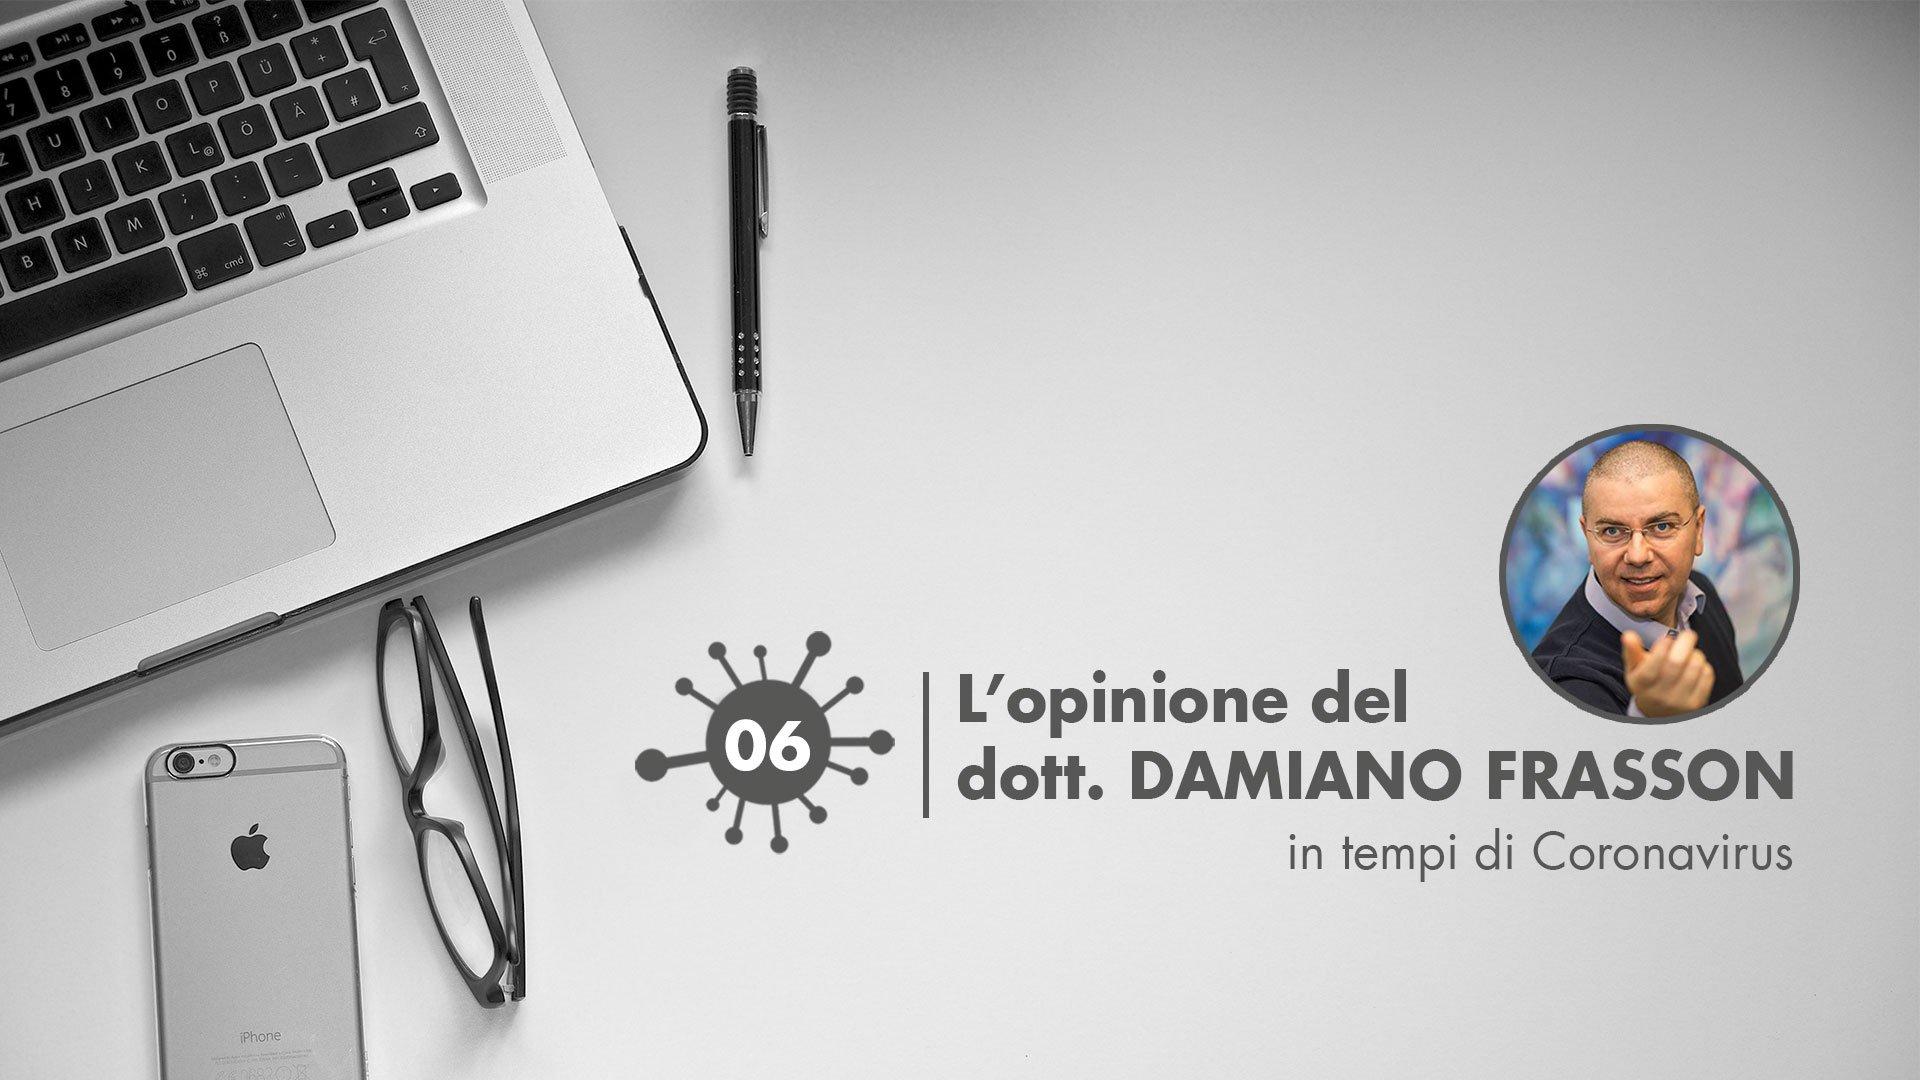 L'opinione-di_Articolo-06 - Damiano Frasson Gruemp